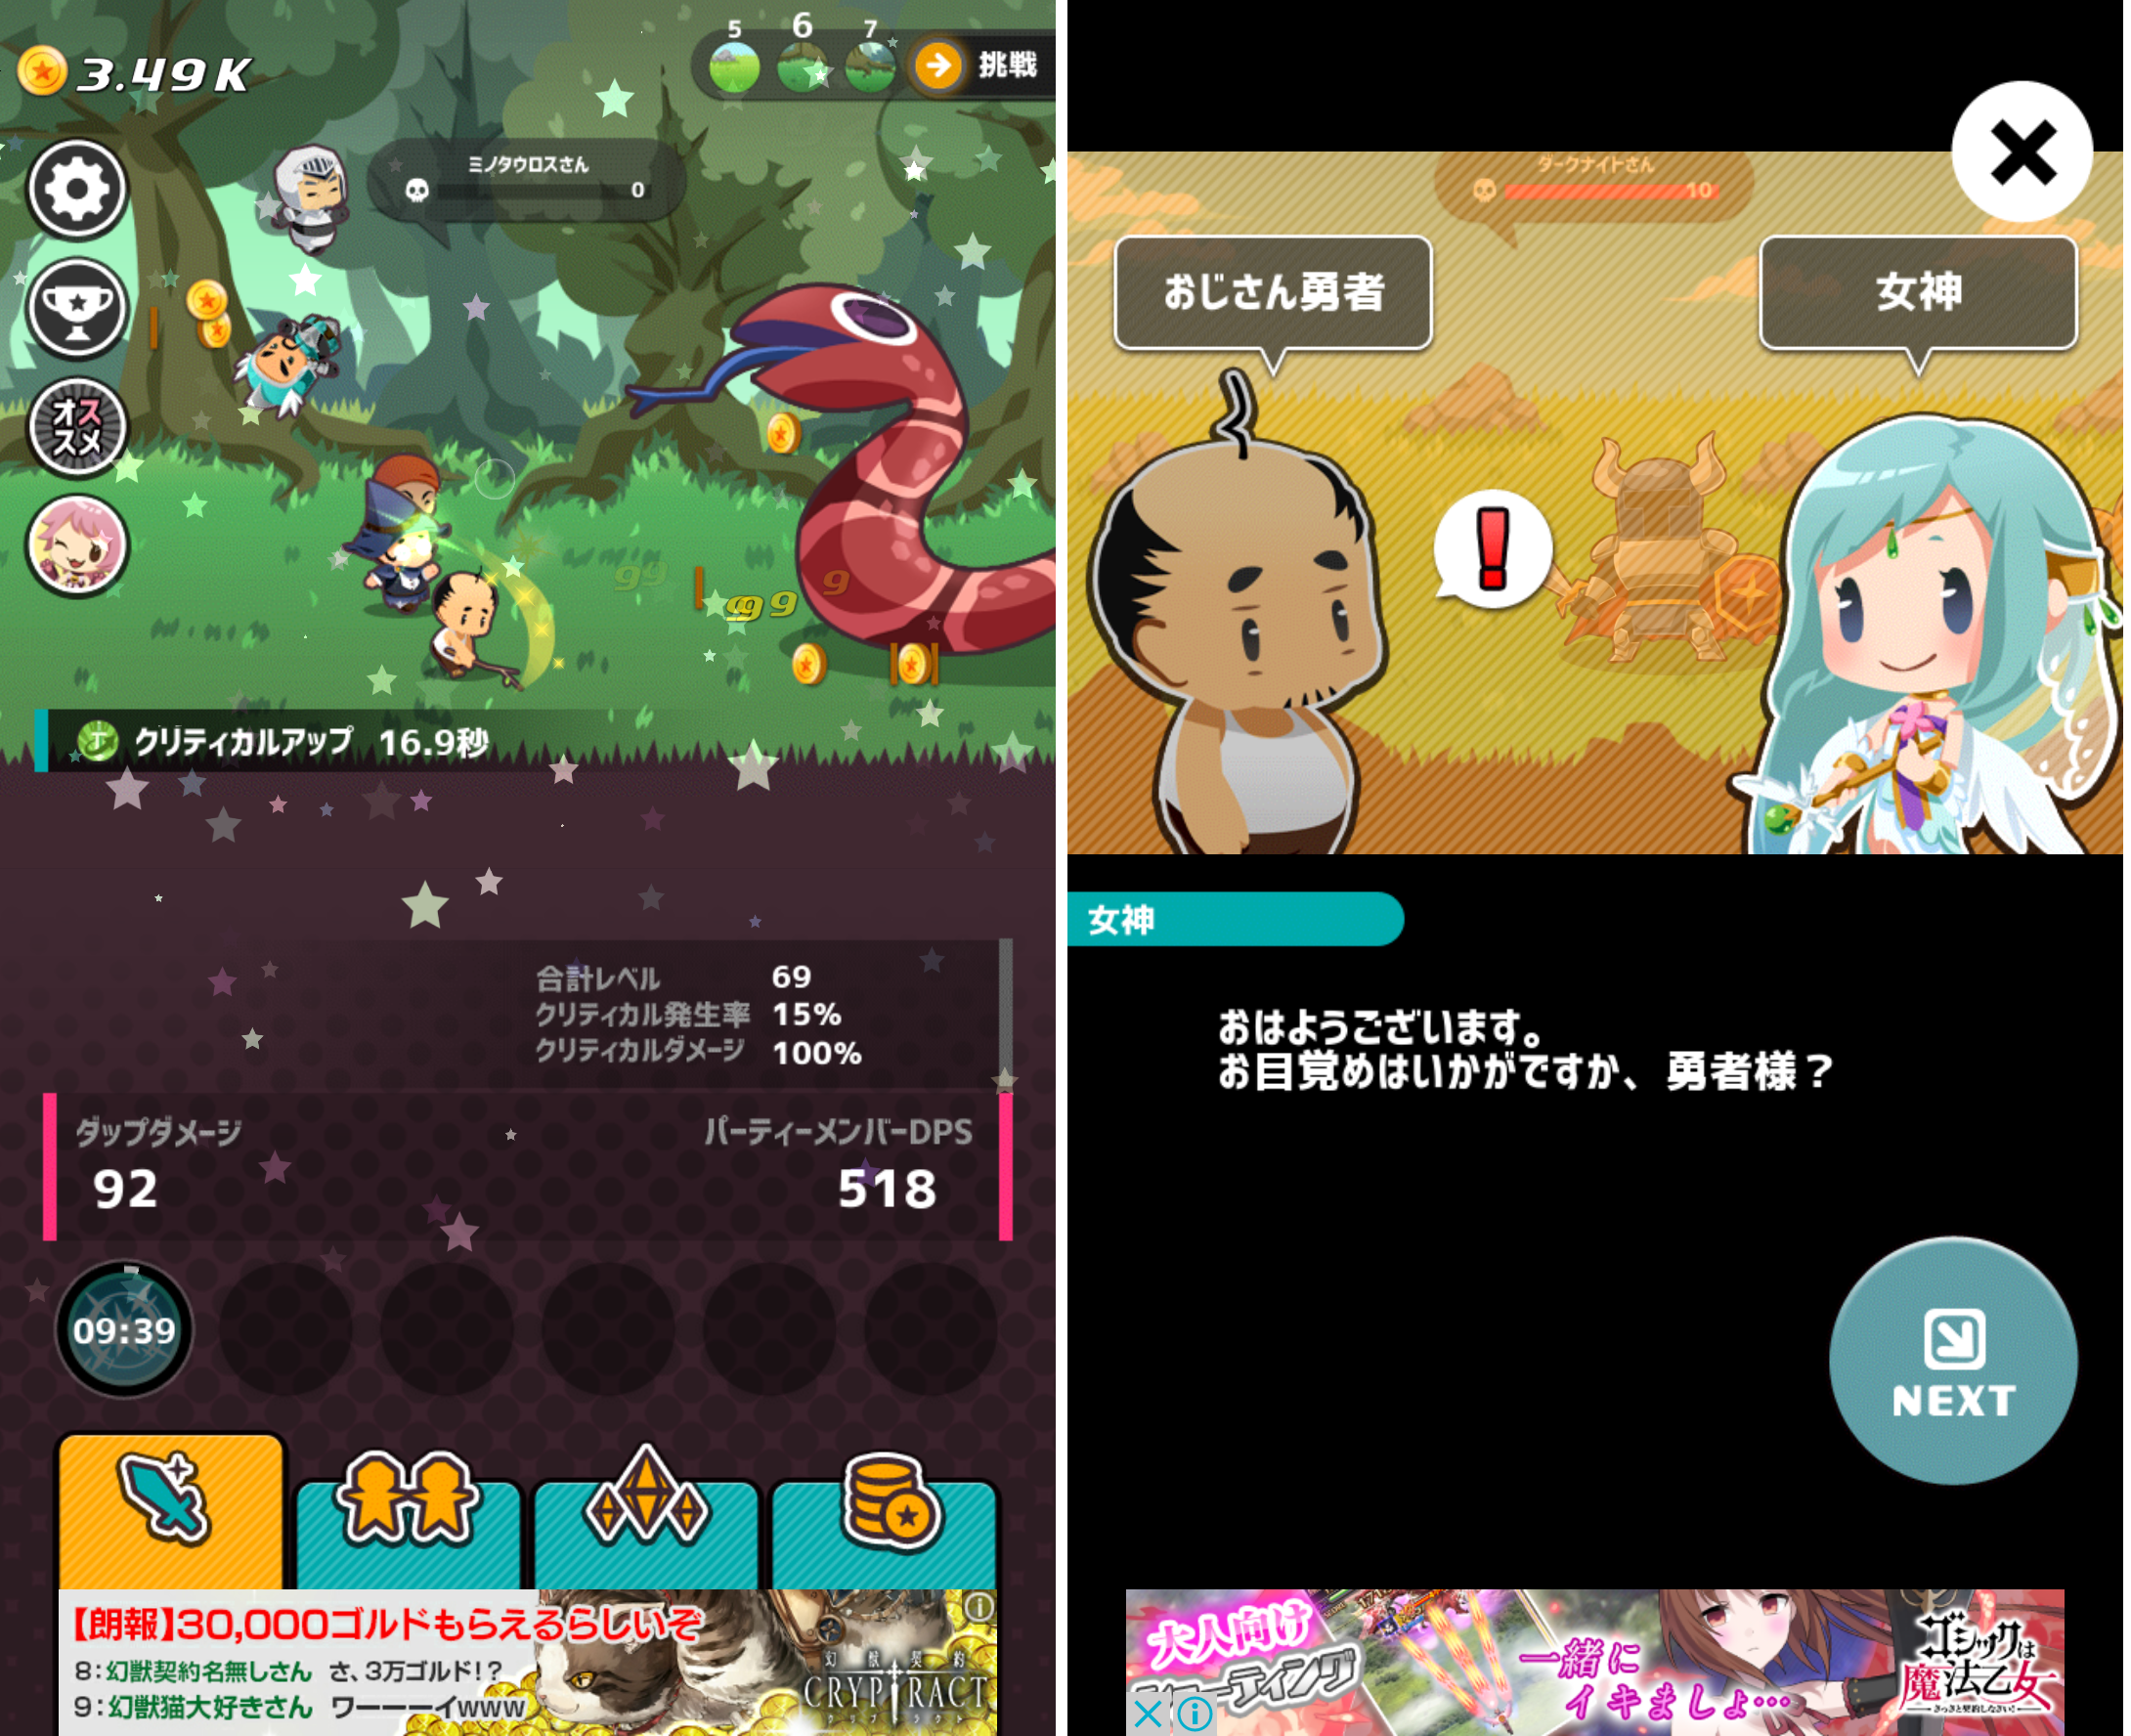 おじクエ - OJISAN QUEST - androidアプリスクリーンショット1